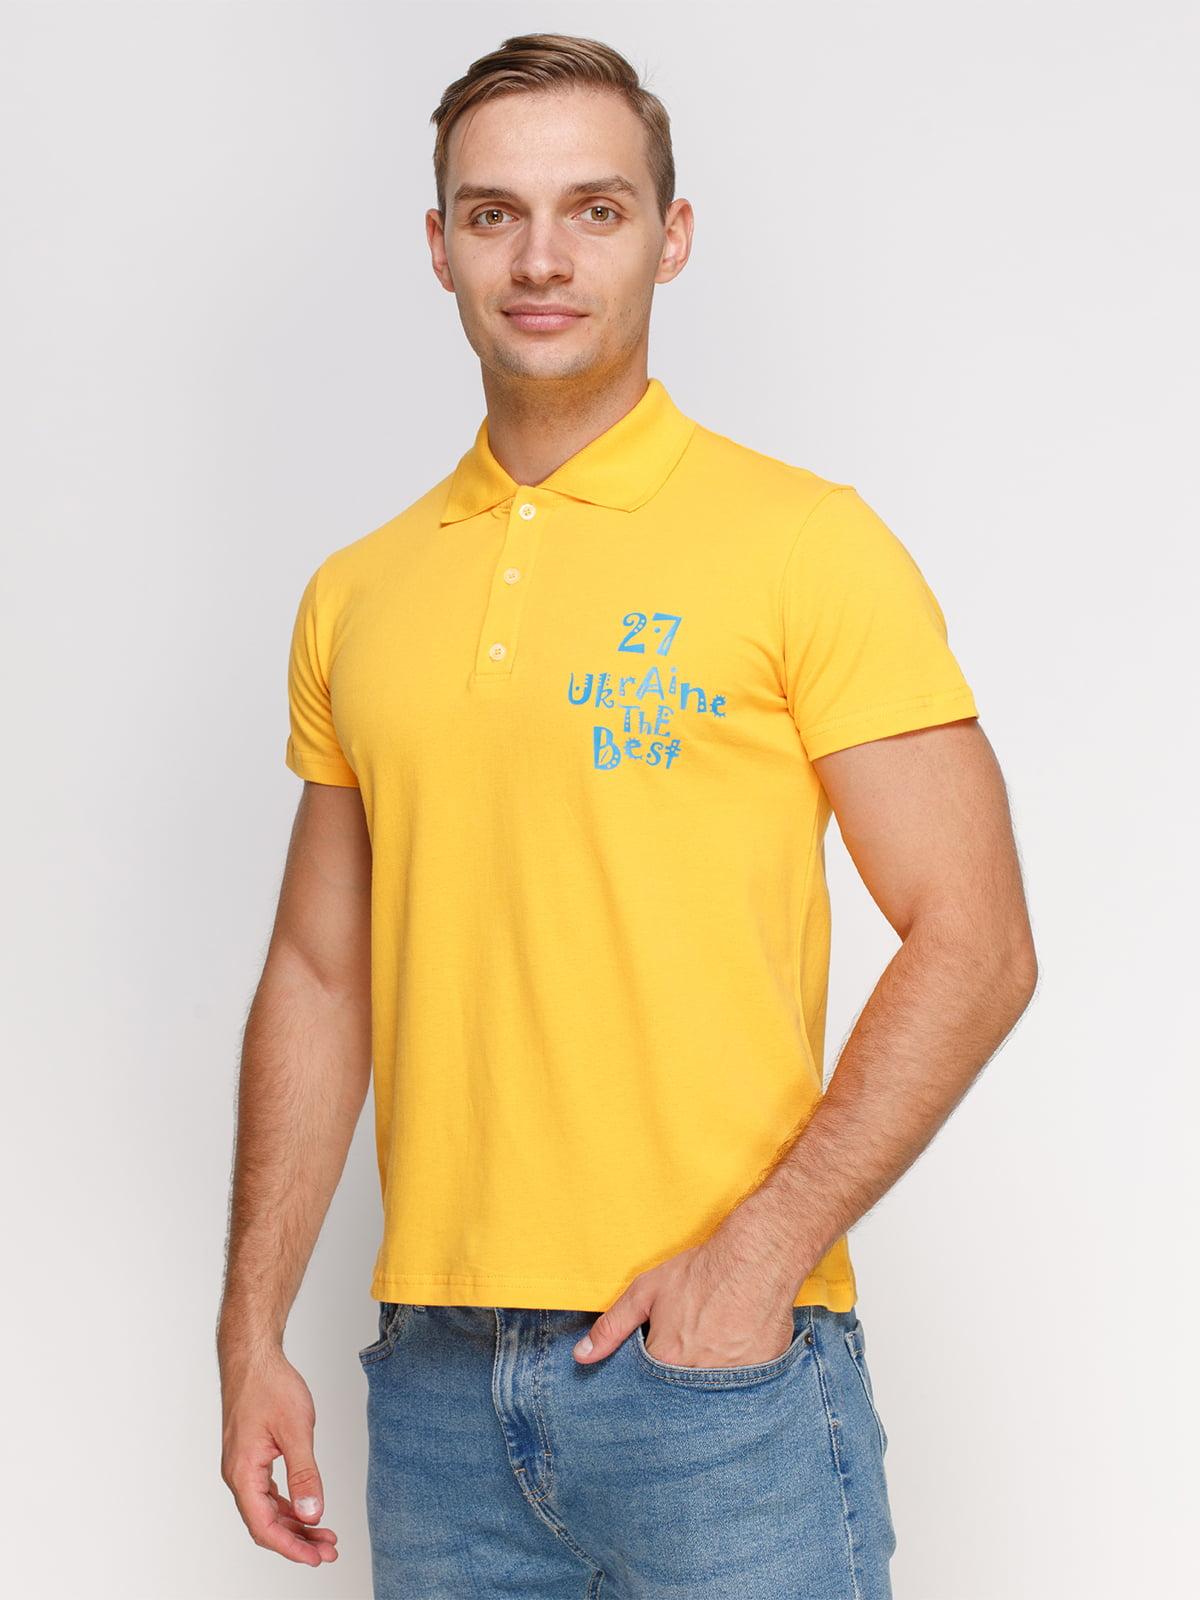 Футболка-поло желтая с принтом | 4578502